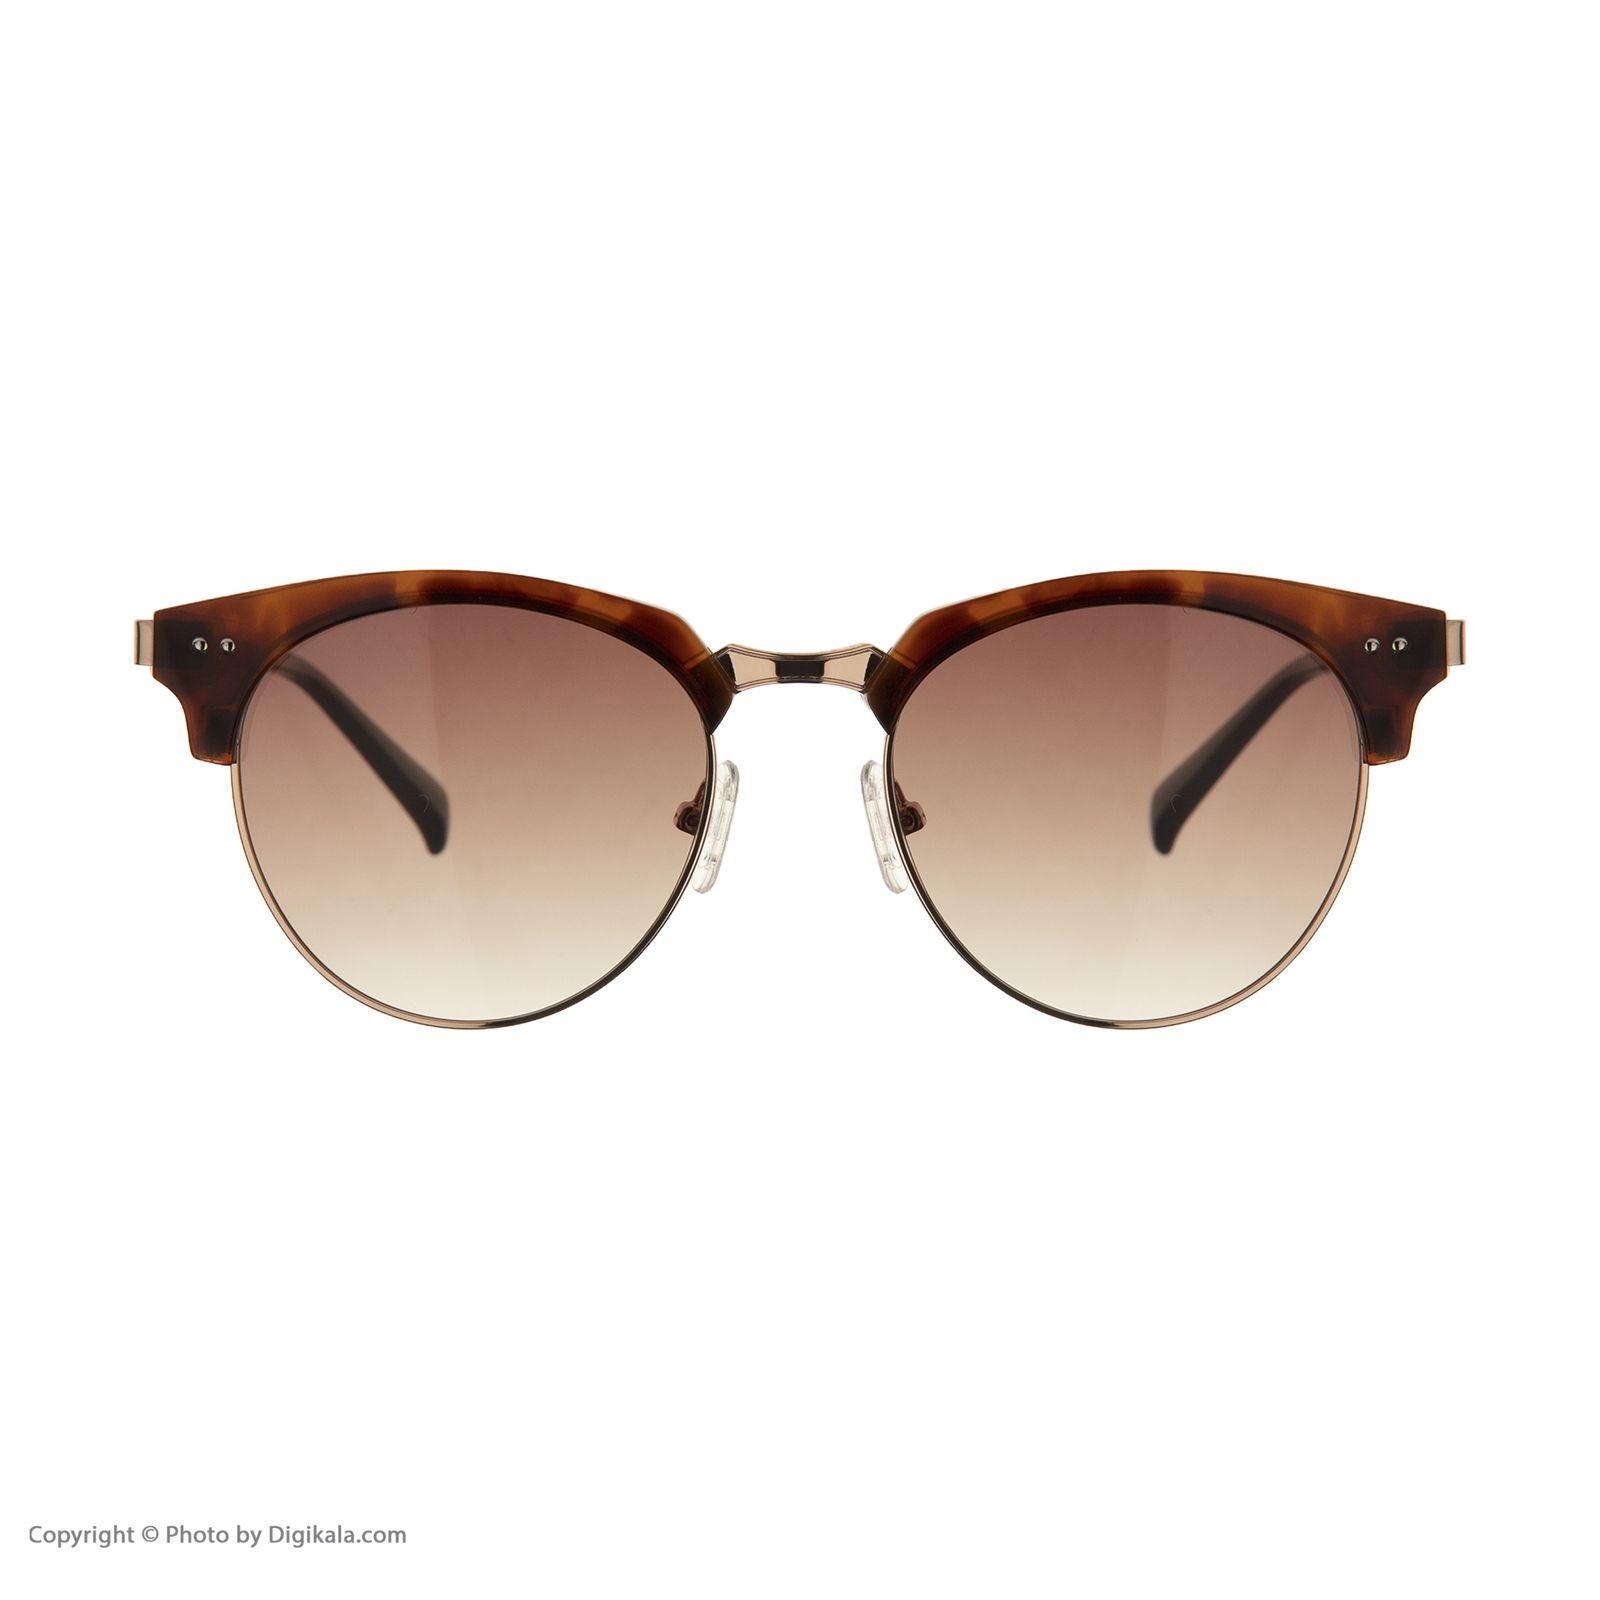 عینک آفتابی مردانه اف اس بی مدل 289-c C6 -  - 2